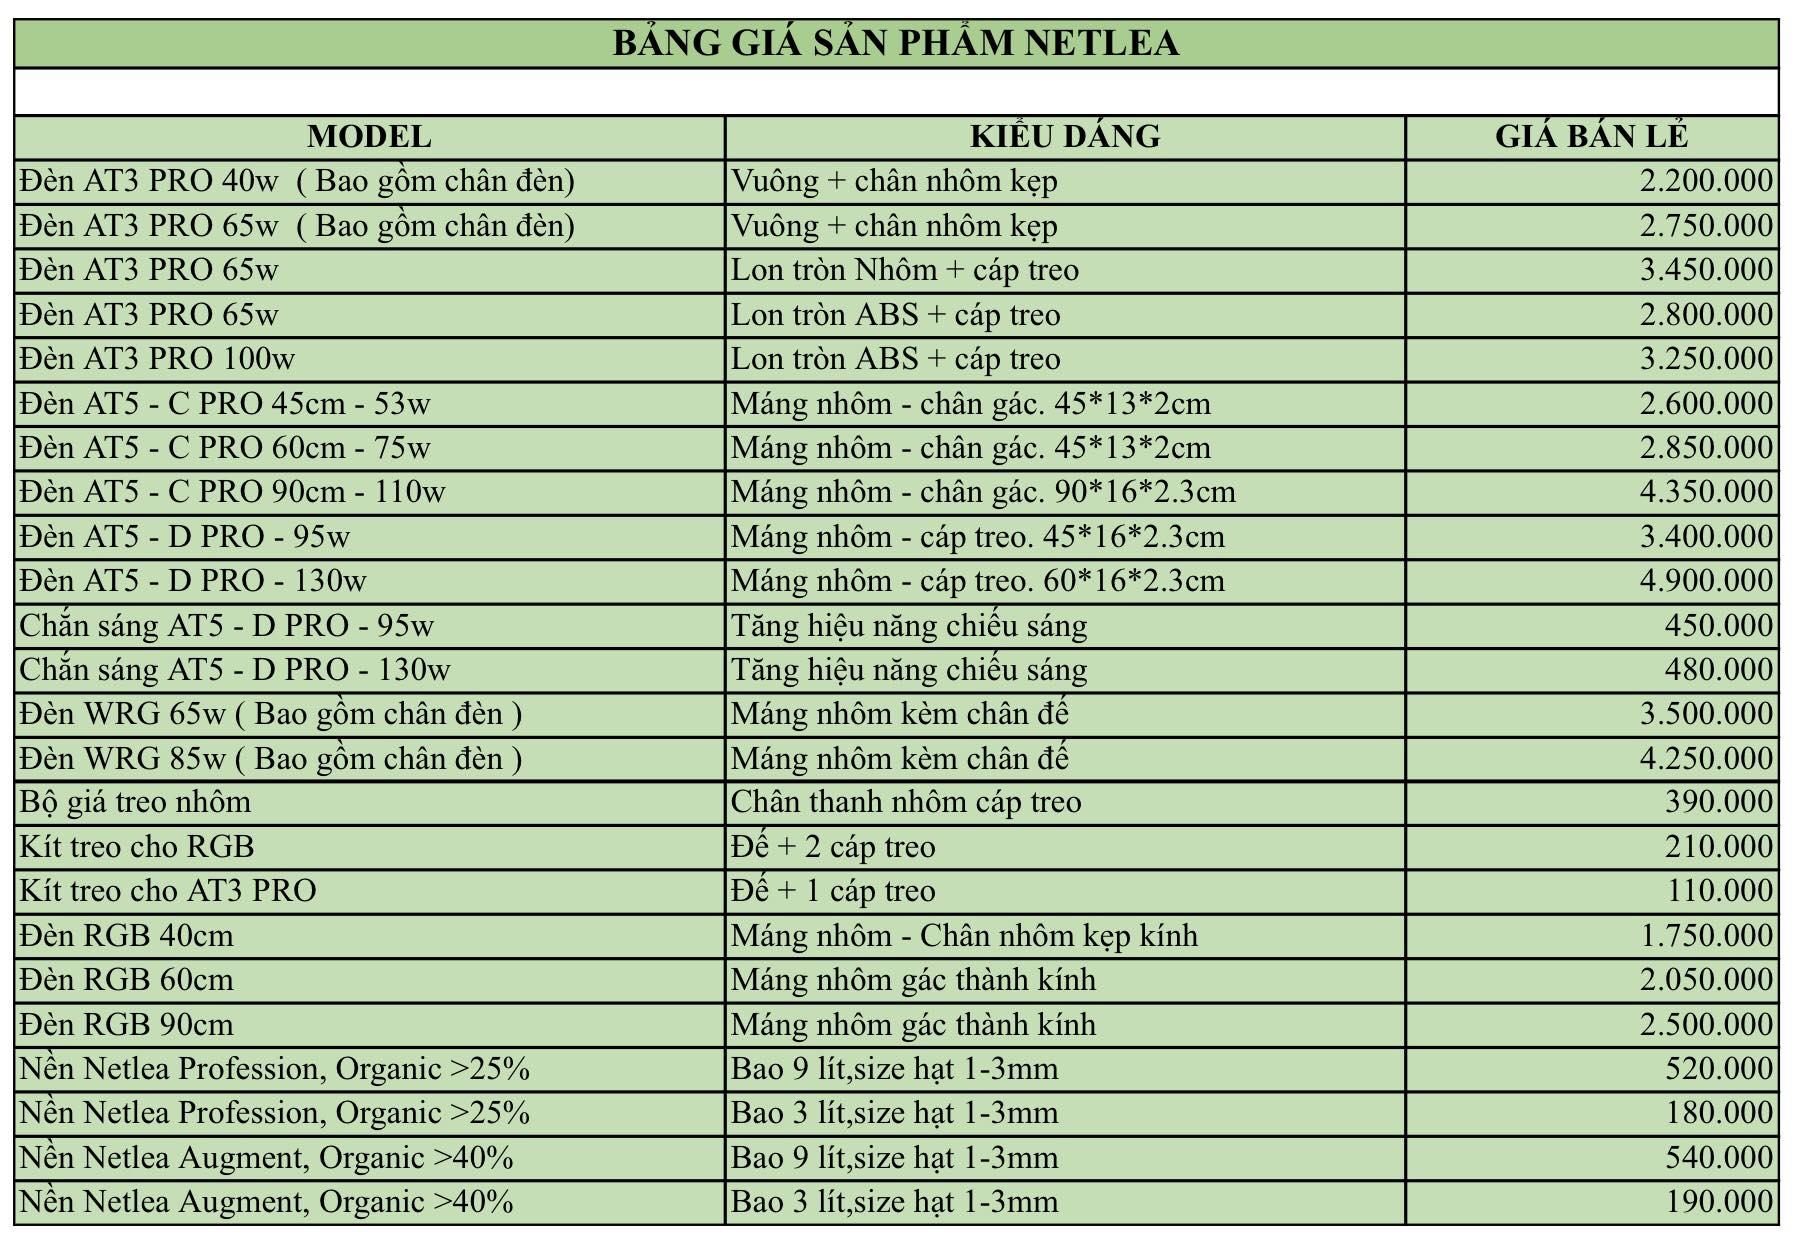 Bảng giá sản phẩm netlea